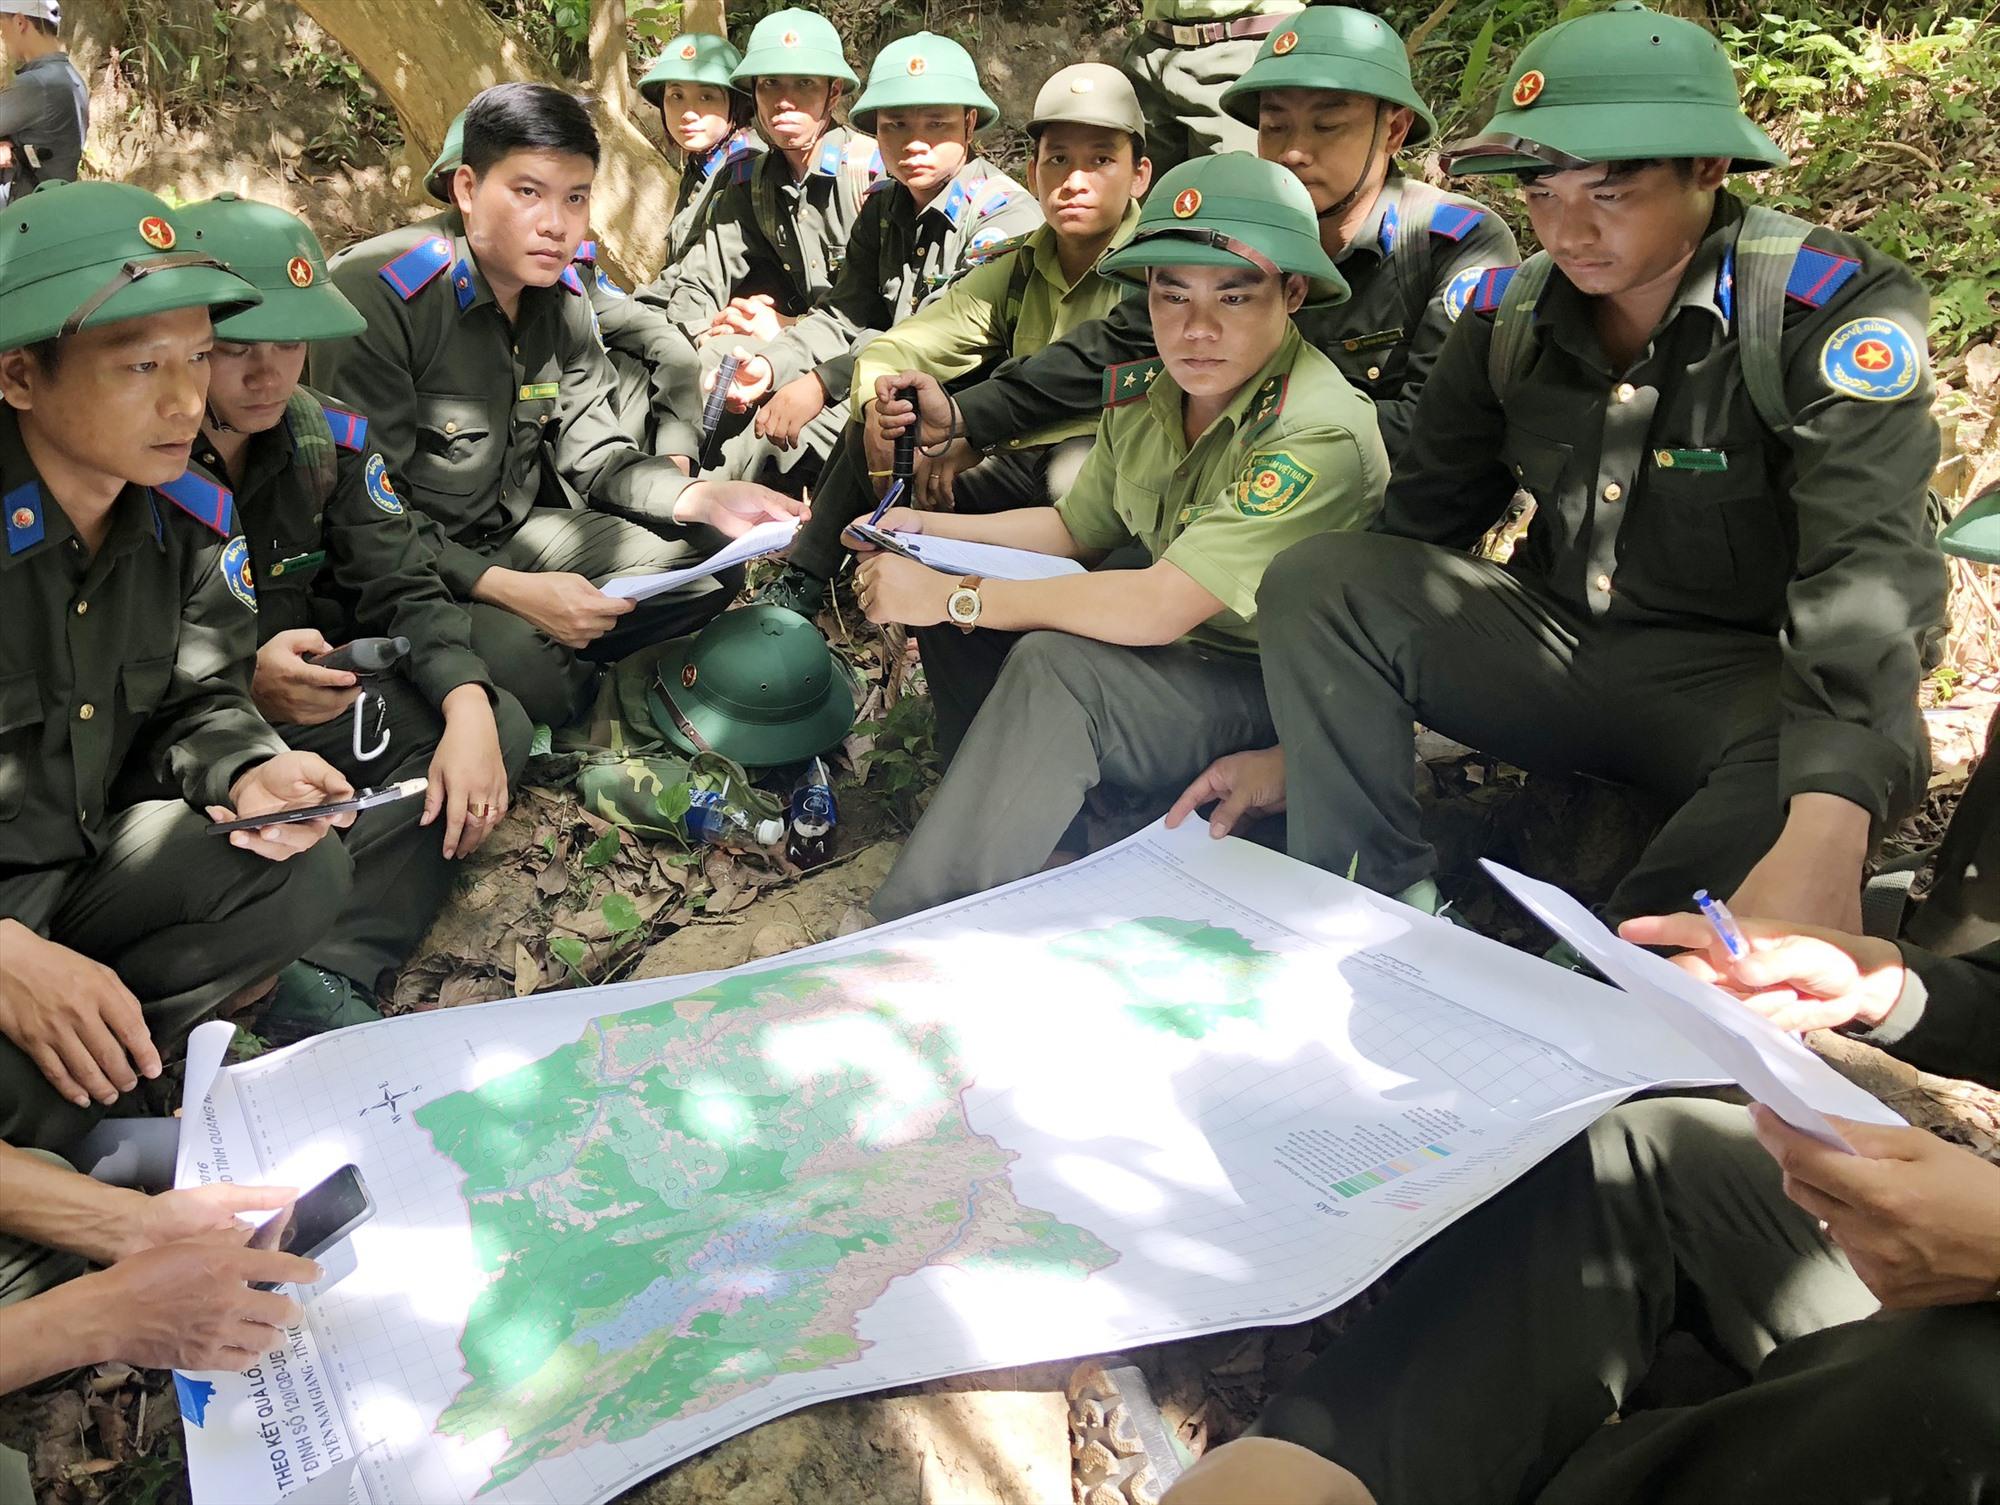 Khảo sát mở tour du lịch trong vùng lõi Khu bảo tồn thiên nhiên Sông Thanh. Ảnh: T.H